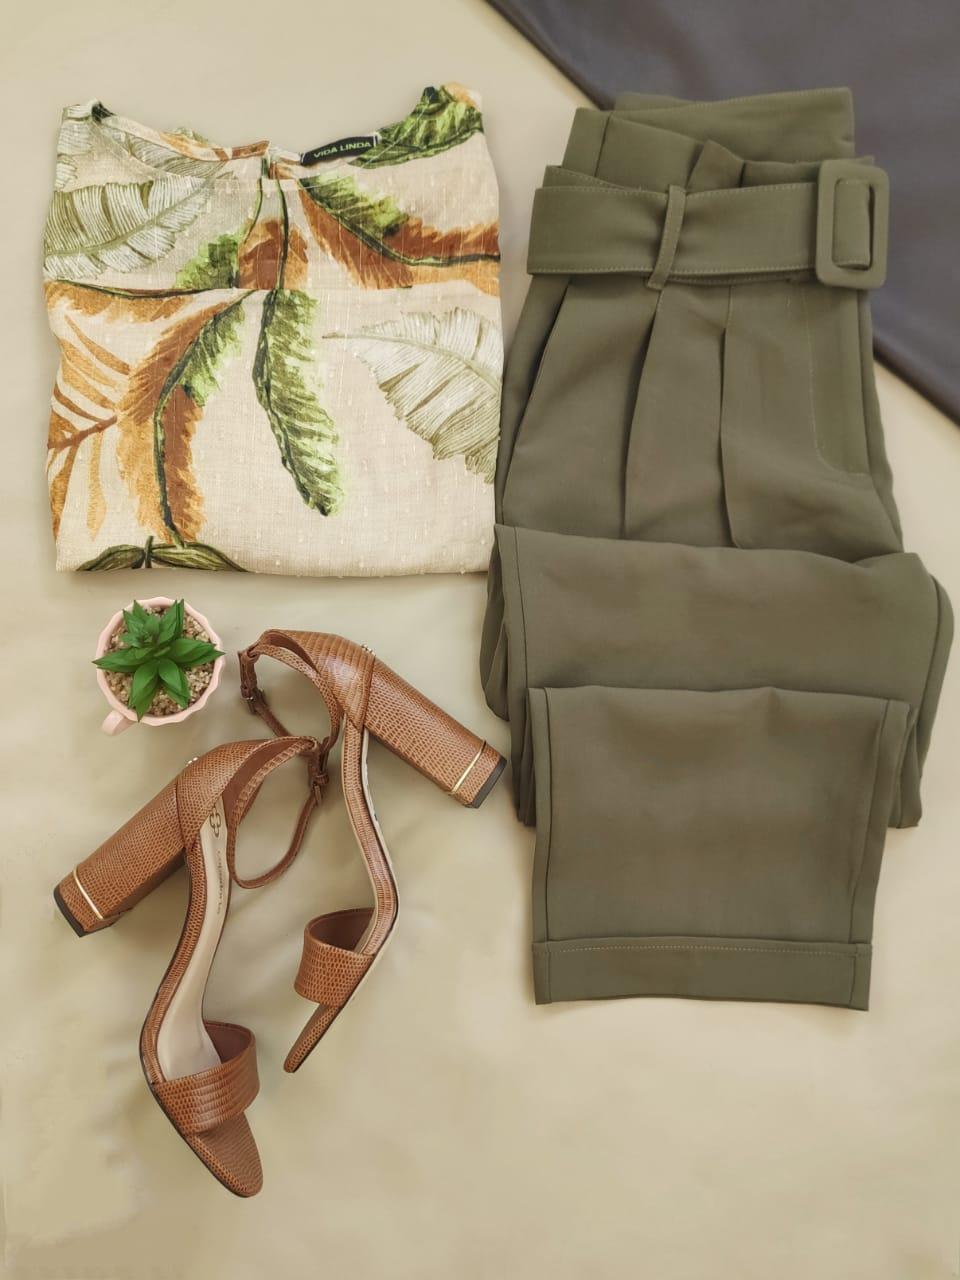 Blusa Manga Curta Estampada Floral Off White + Calça Skinny Clochard Cinto Encapado Verde